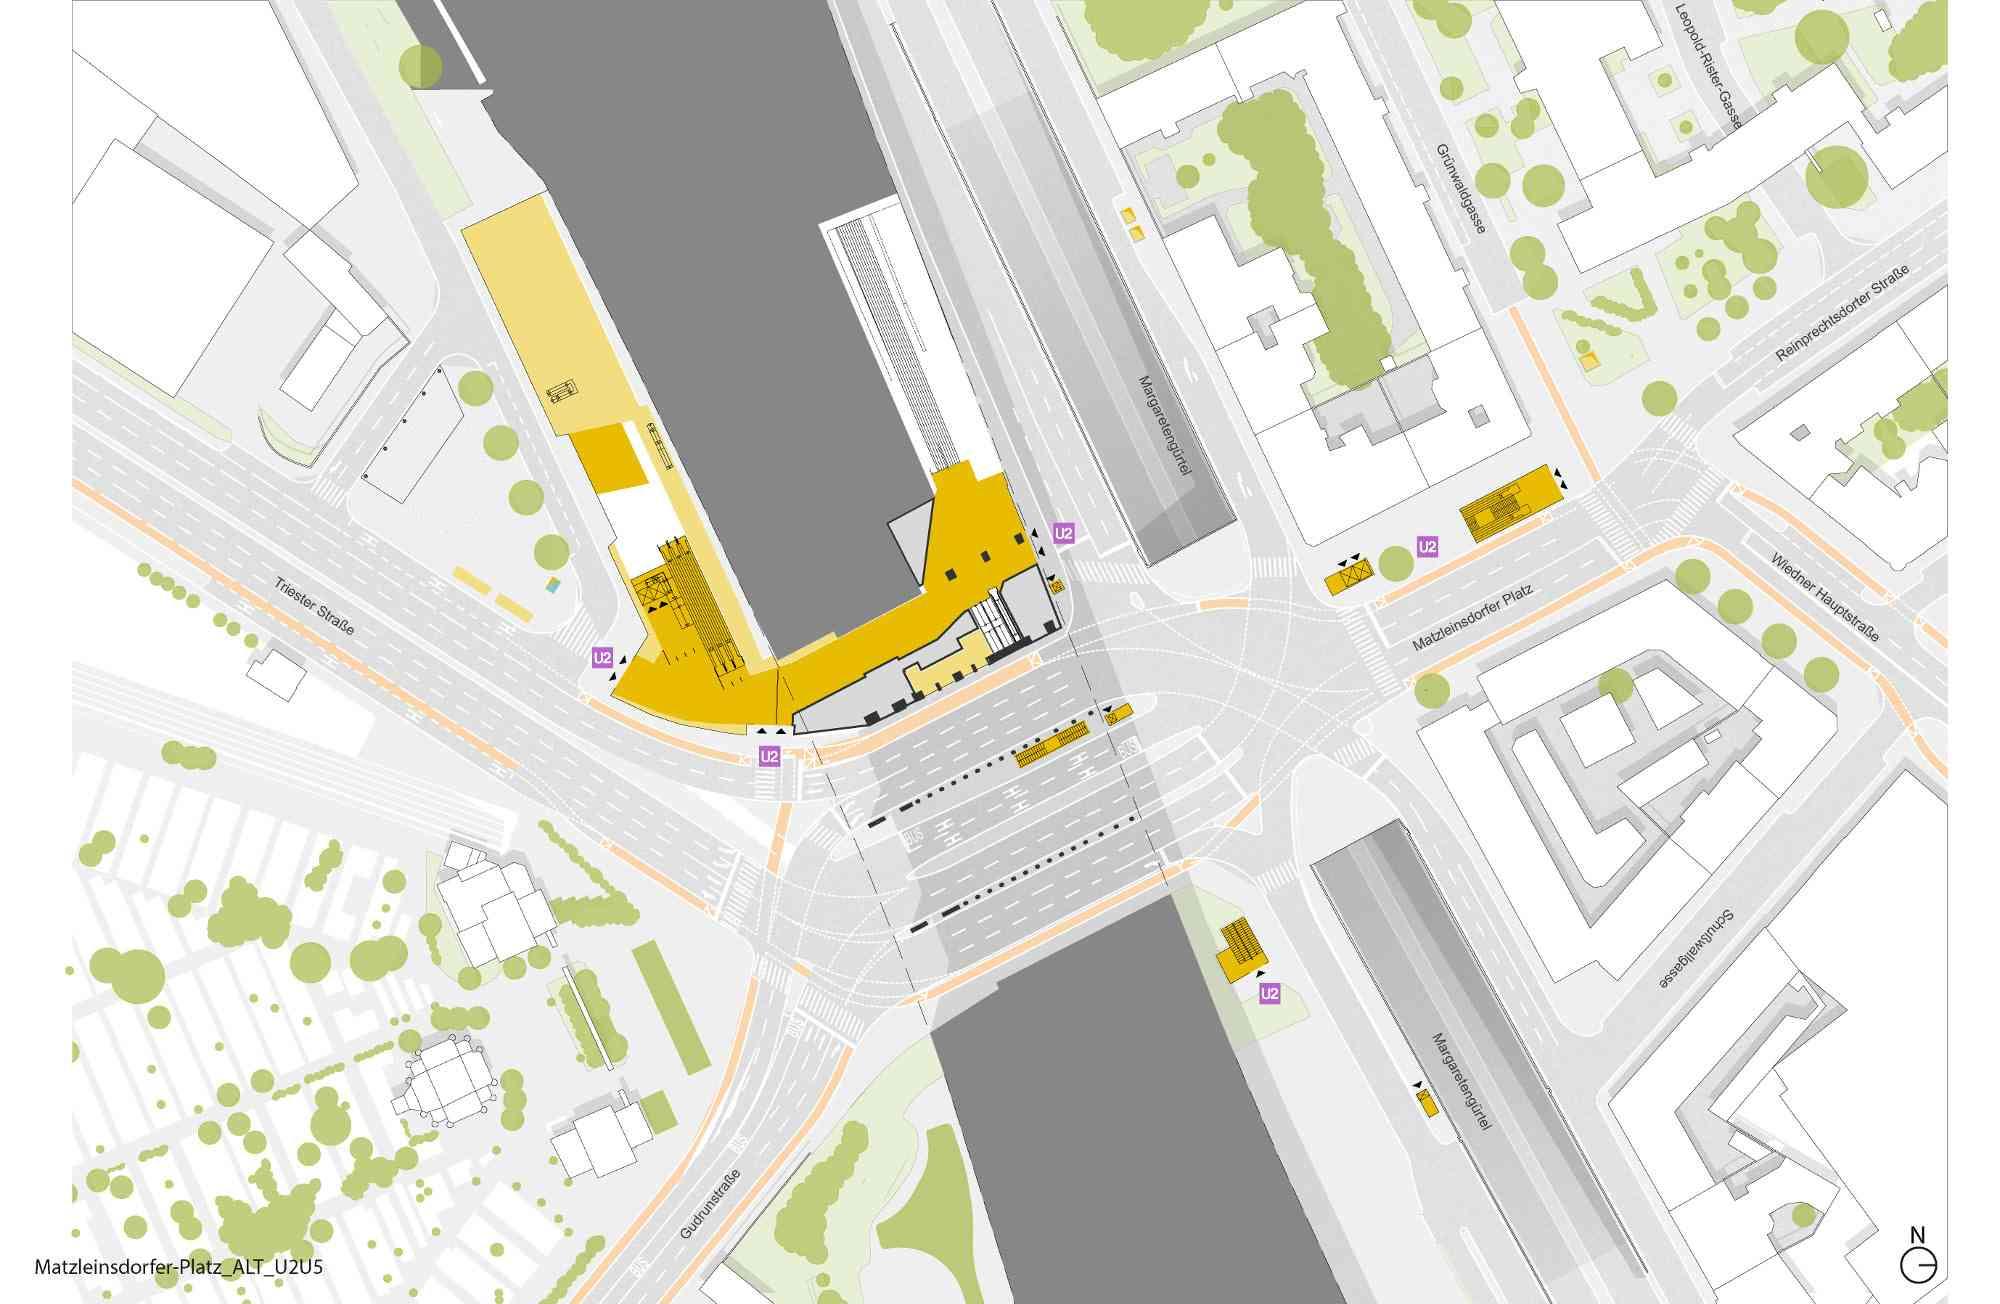 Der Matzleinsdorfer Platz ist schon heute ein wichtiger Öffi-Knoten. Mit der U2 gewinnt er weiter an Bedeutung.